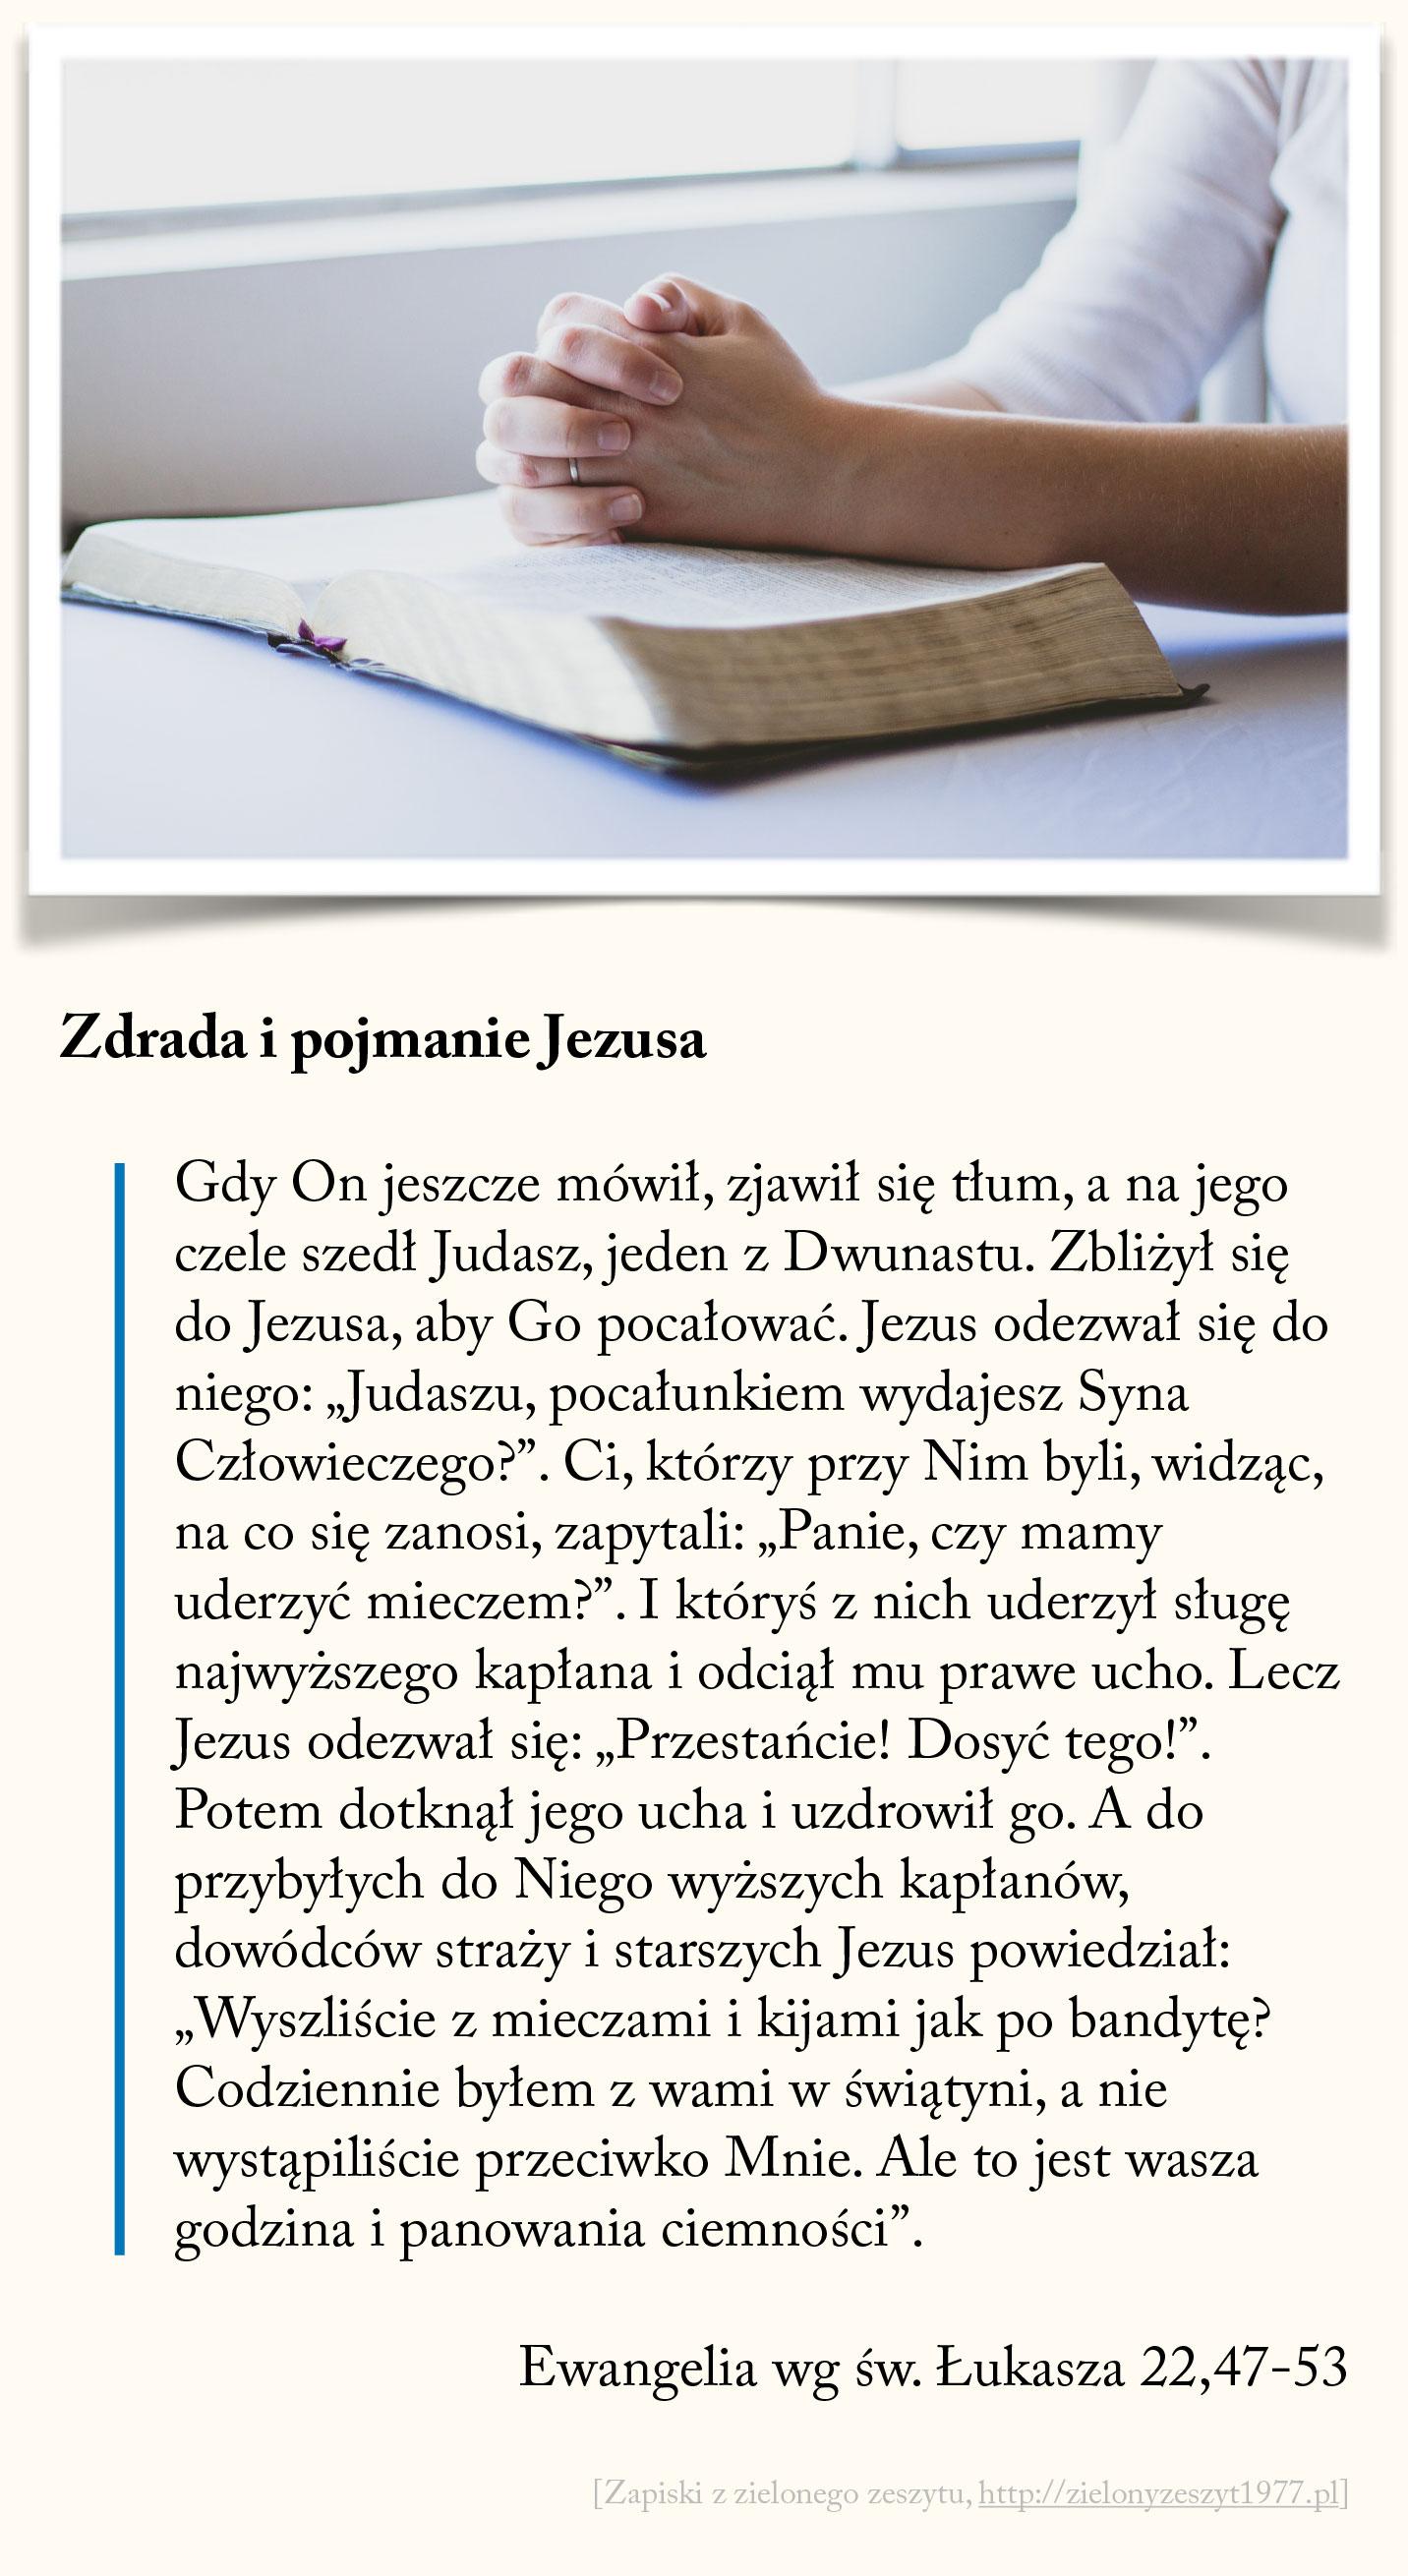 Zdrada i pojmanie Jezusa, Ewangelia wg św. Łukasza